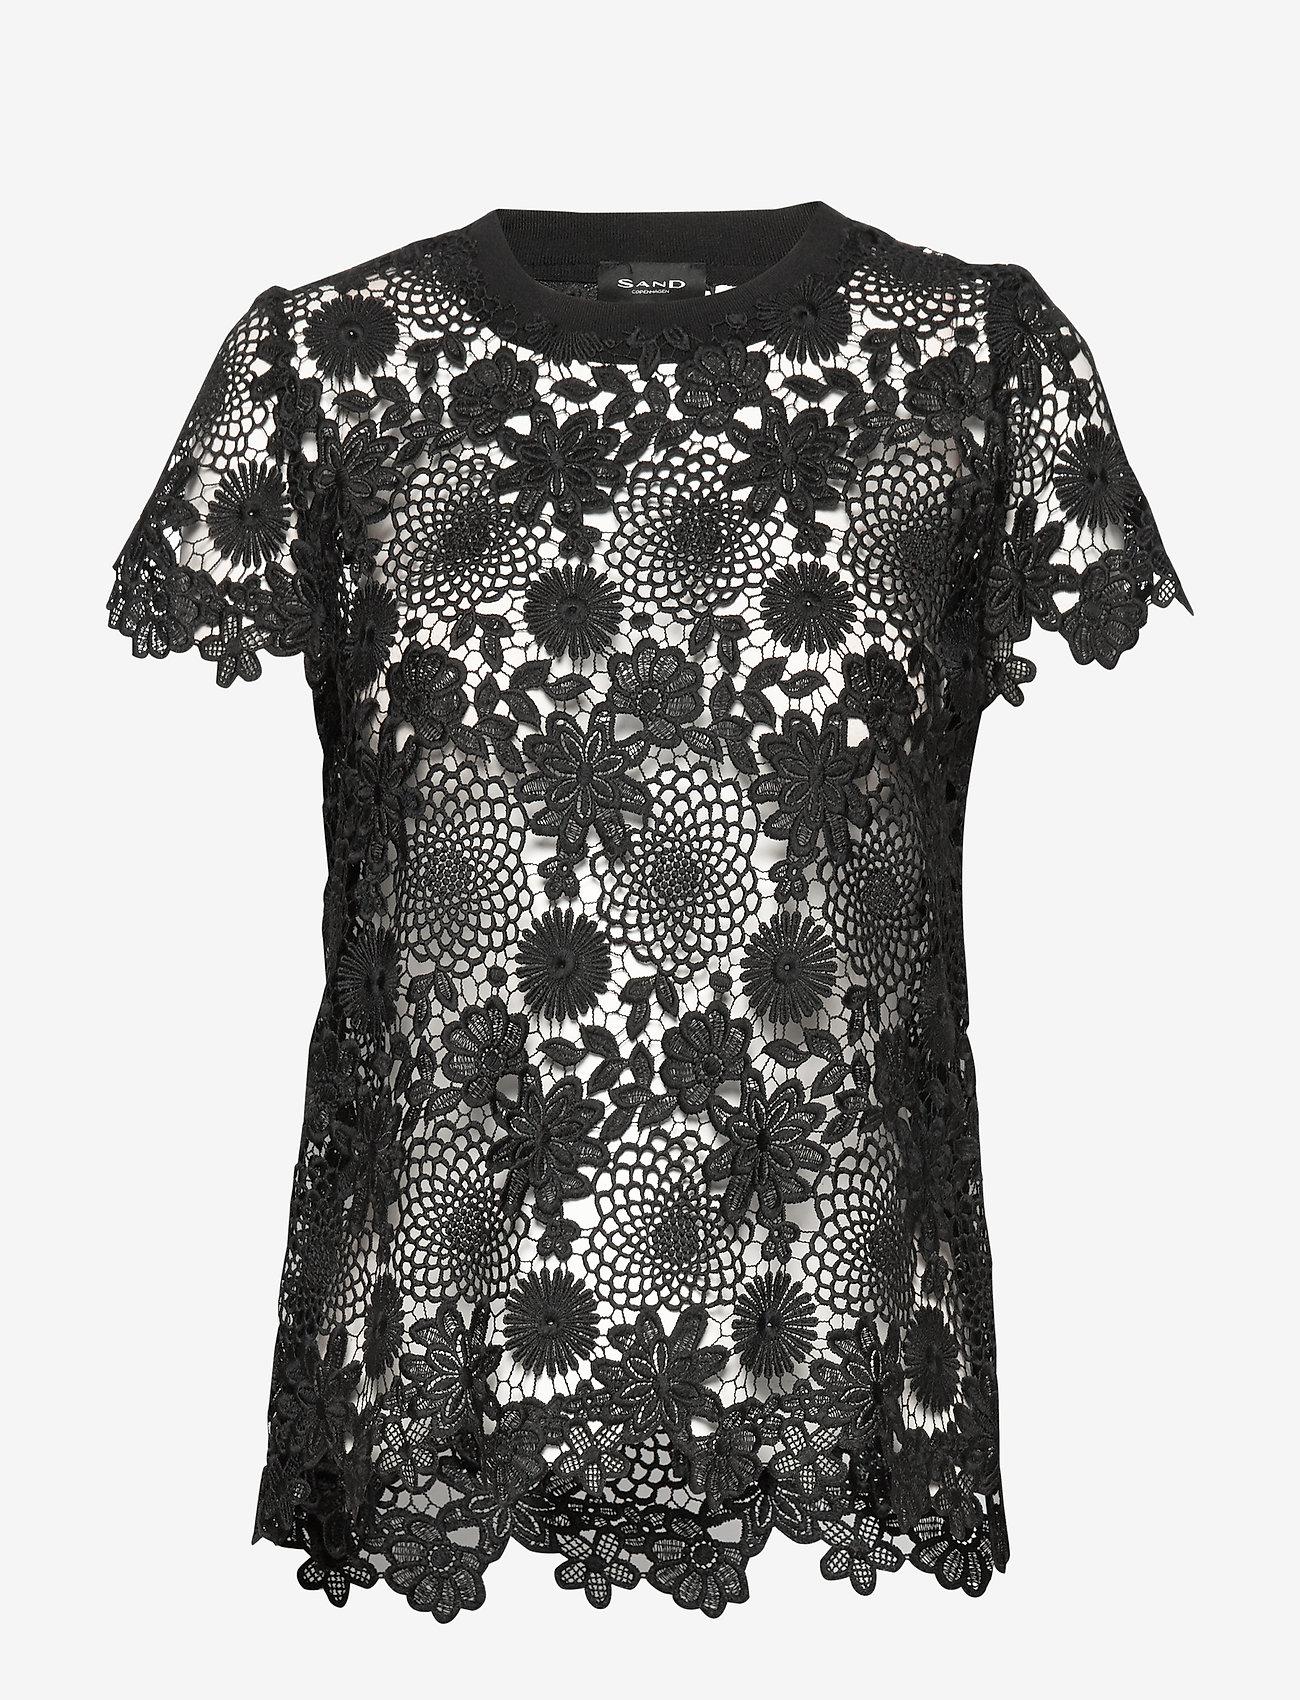 SAND - 3168 - Kaya - t-shirts - black - 0